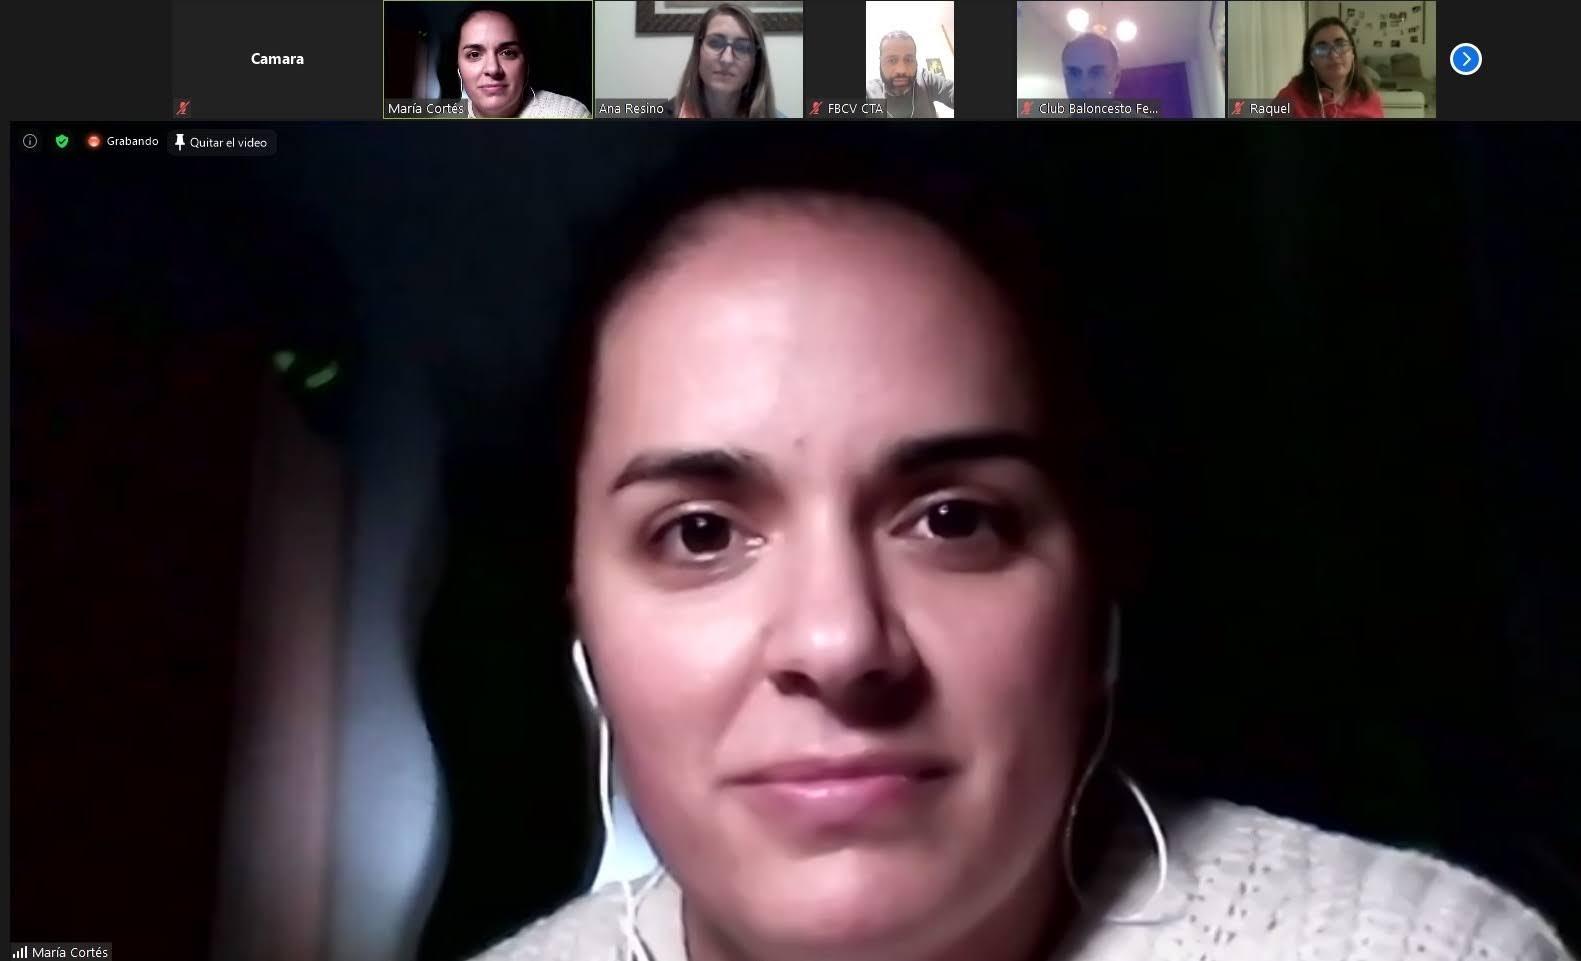 María Cortés, árbitra del grupo 1 FEB/FBCV